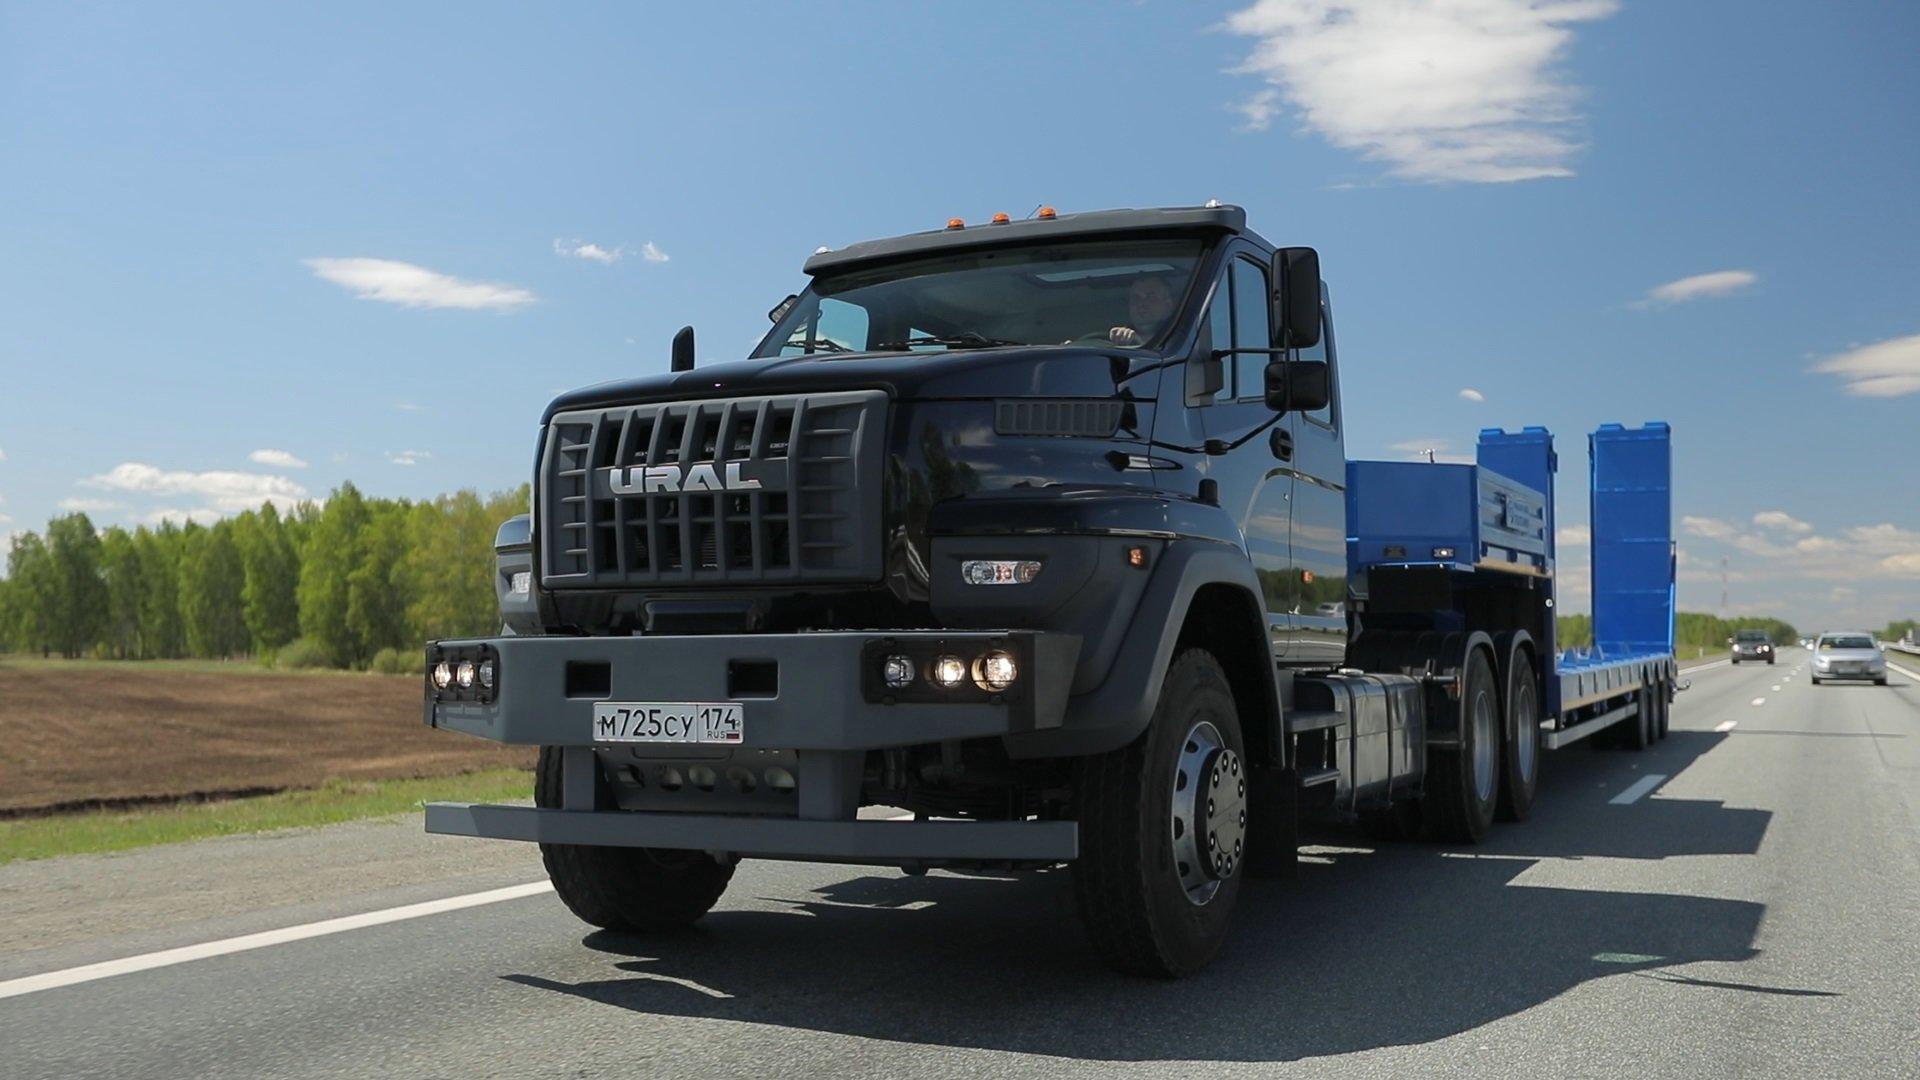 У «Урала Next» появились дорожные версии с колесной формулой 6x4